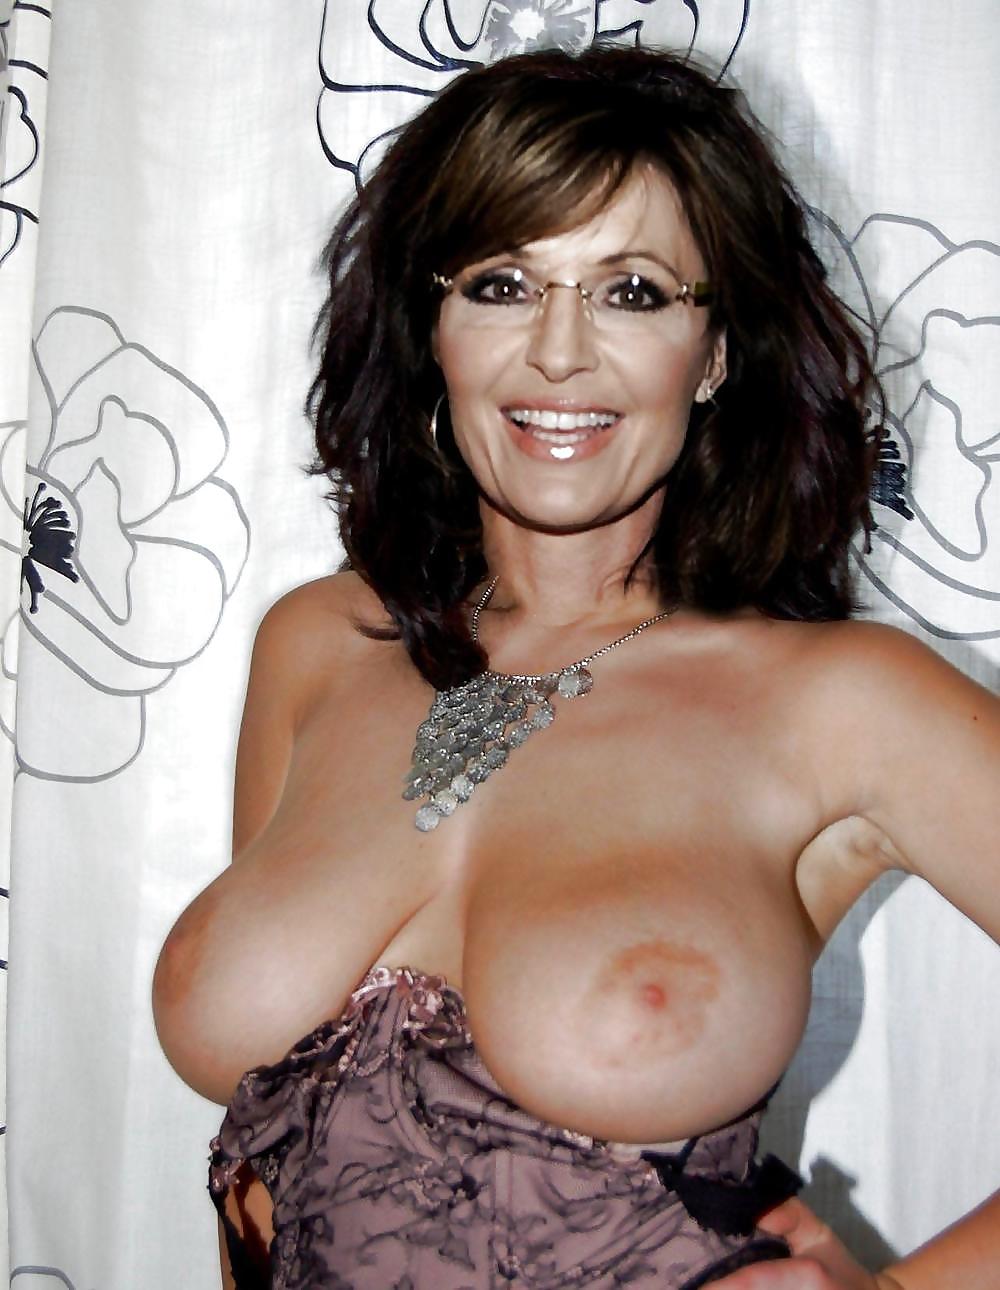 Sarah Palin Fake Fucks